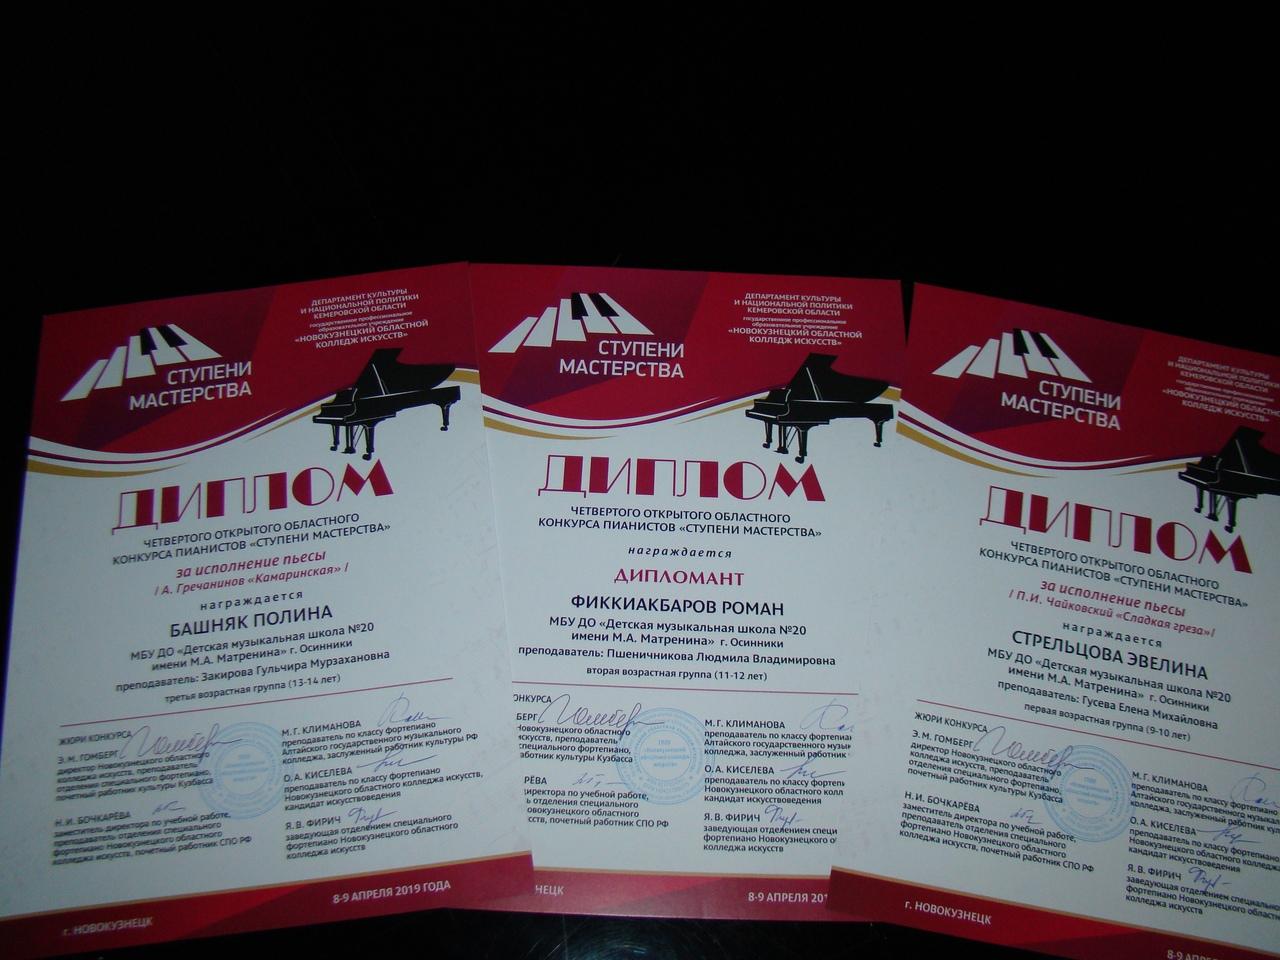 Четвертый открытый областной конкурс пианистов «Ступени мастерства»